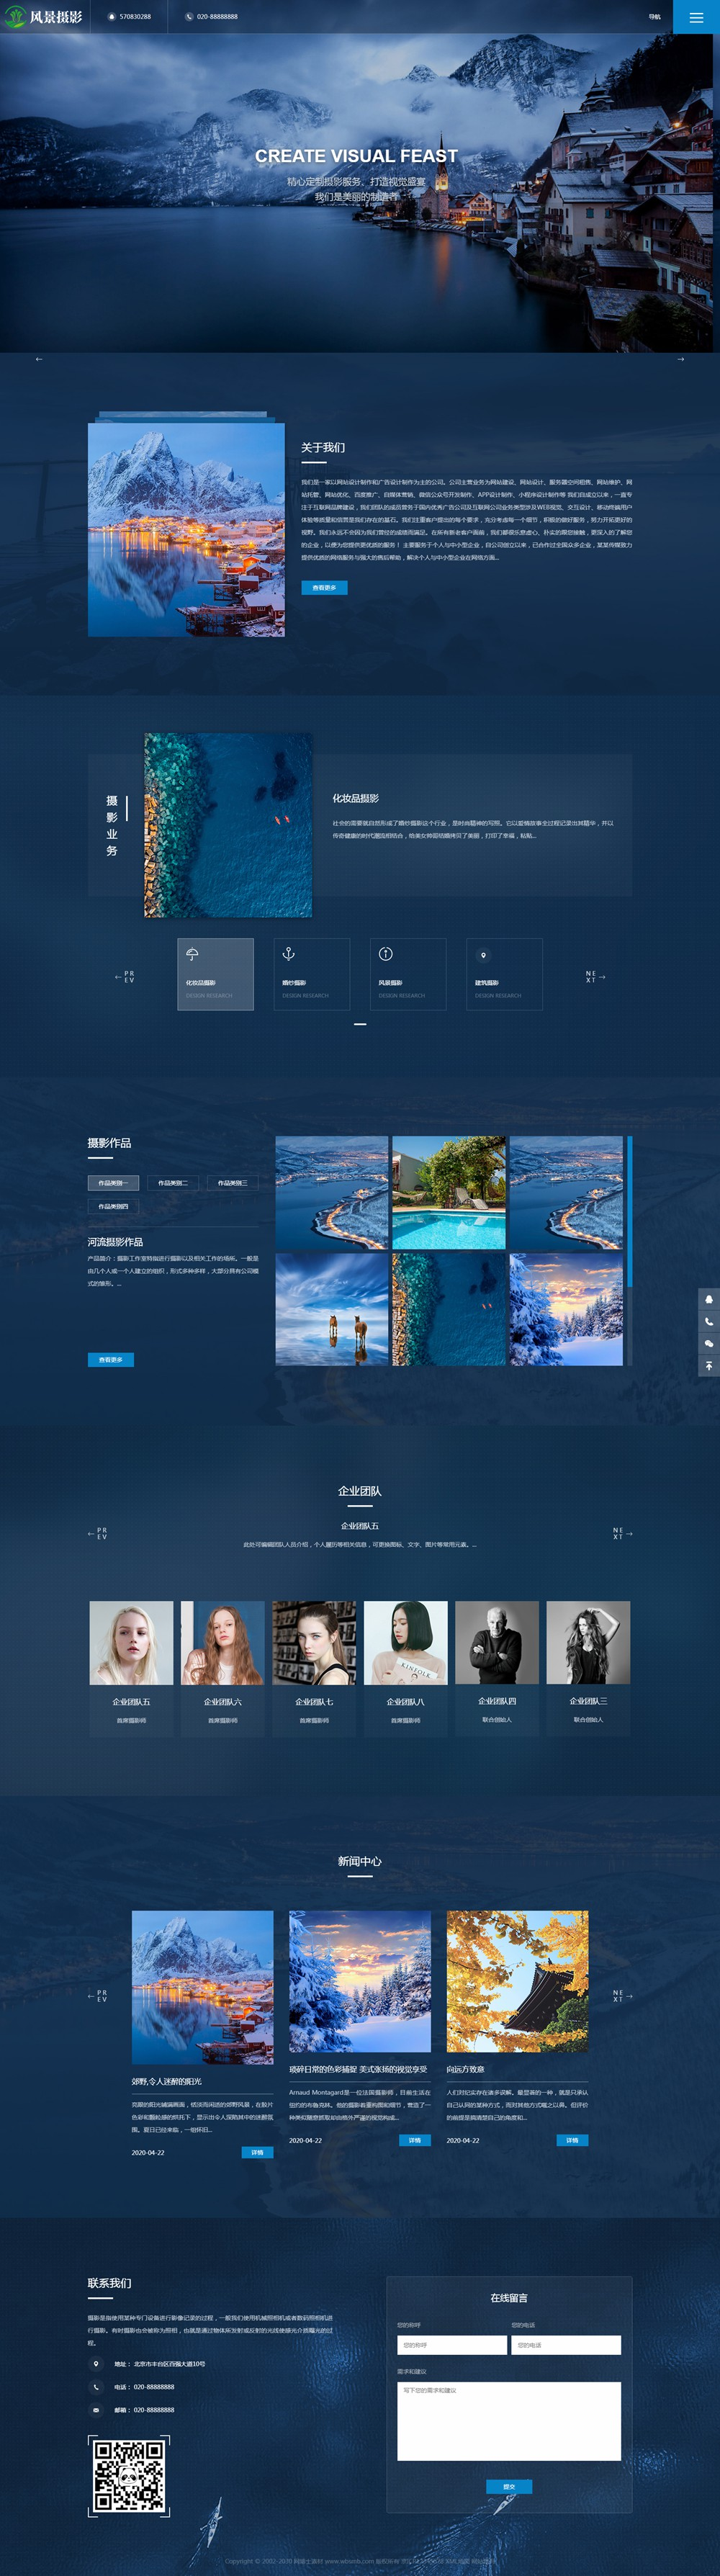 (自适应手机版)响应式摄影机构类网站织梦模板 HTML5高端蓝色户外摄影拍摄网站源码